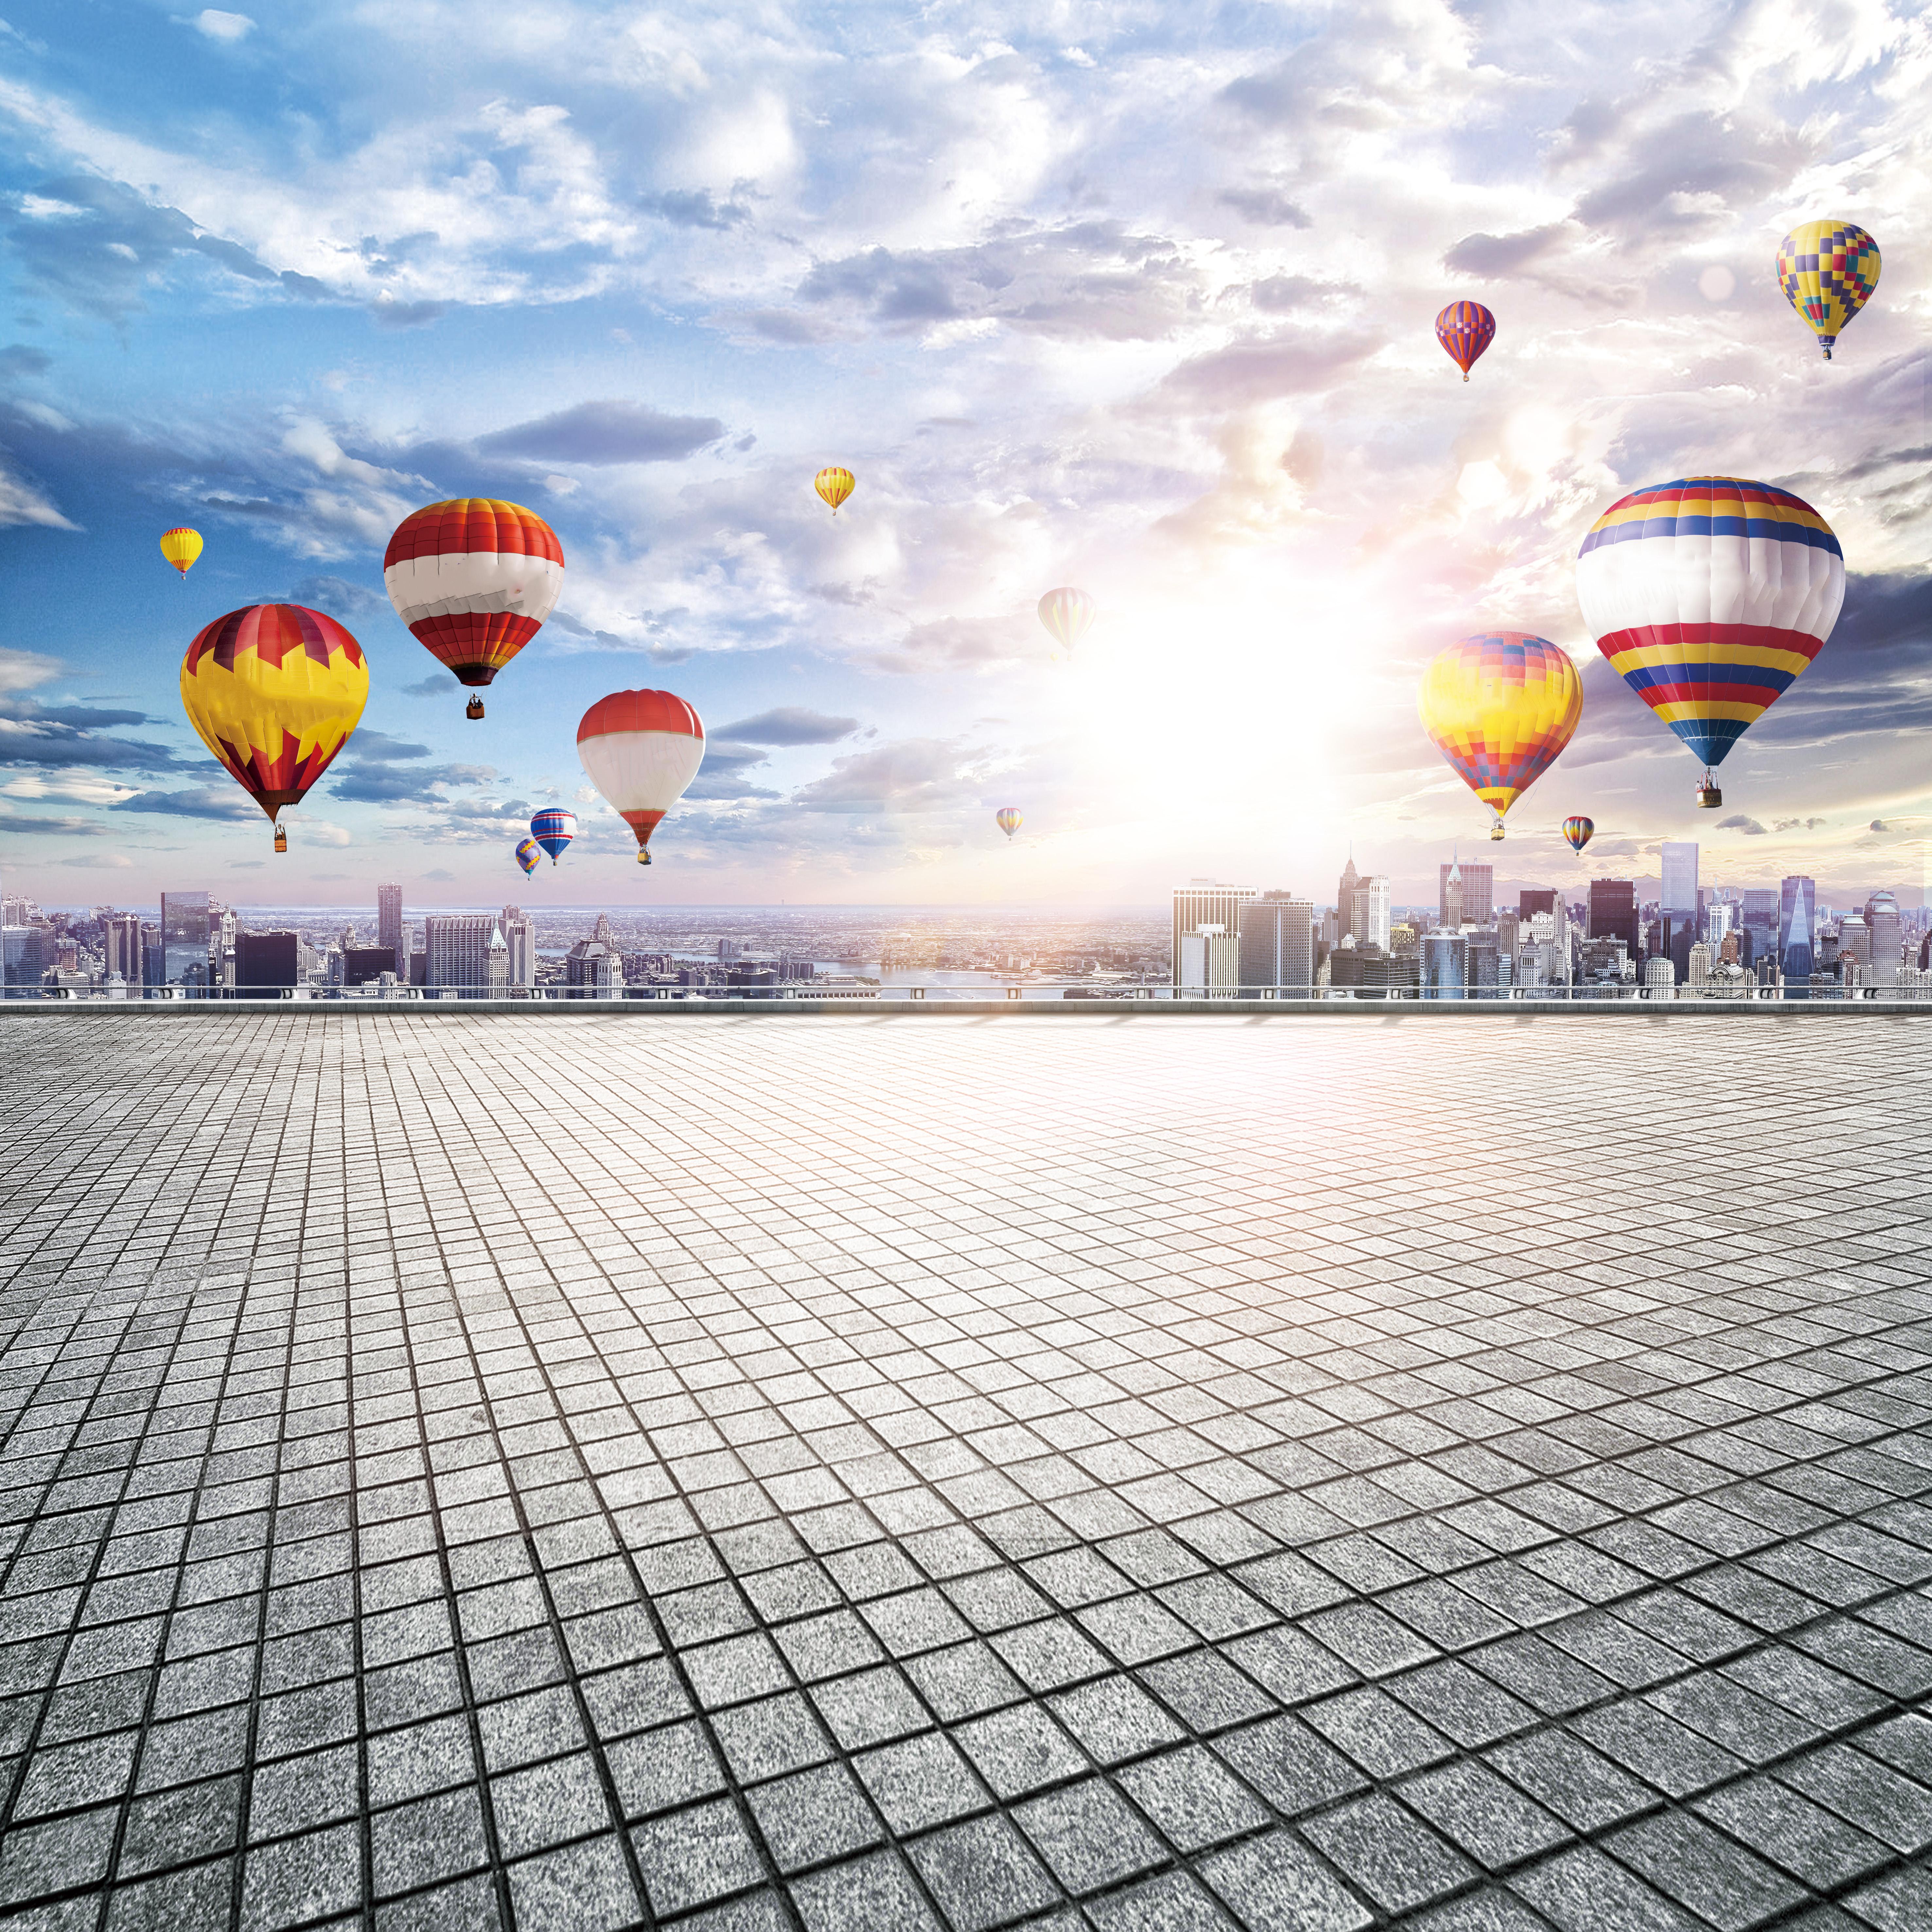 ballon air l u0026 39 air chaud sky contexte le sport parachute les